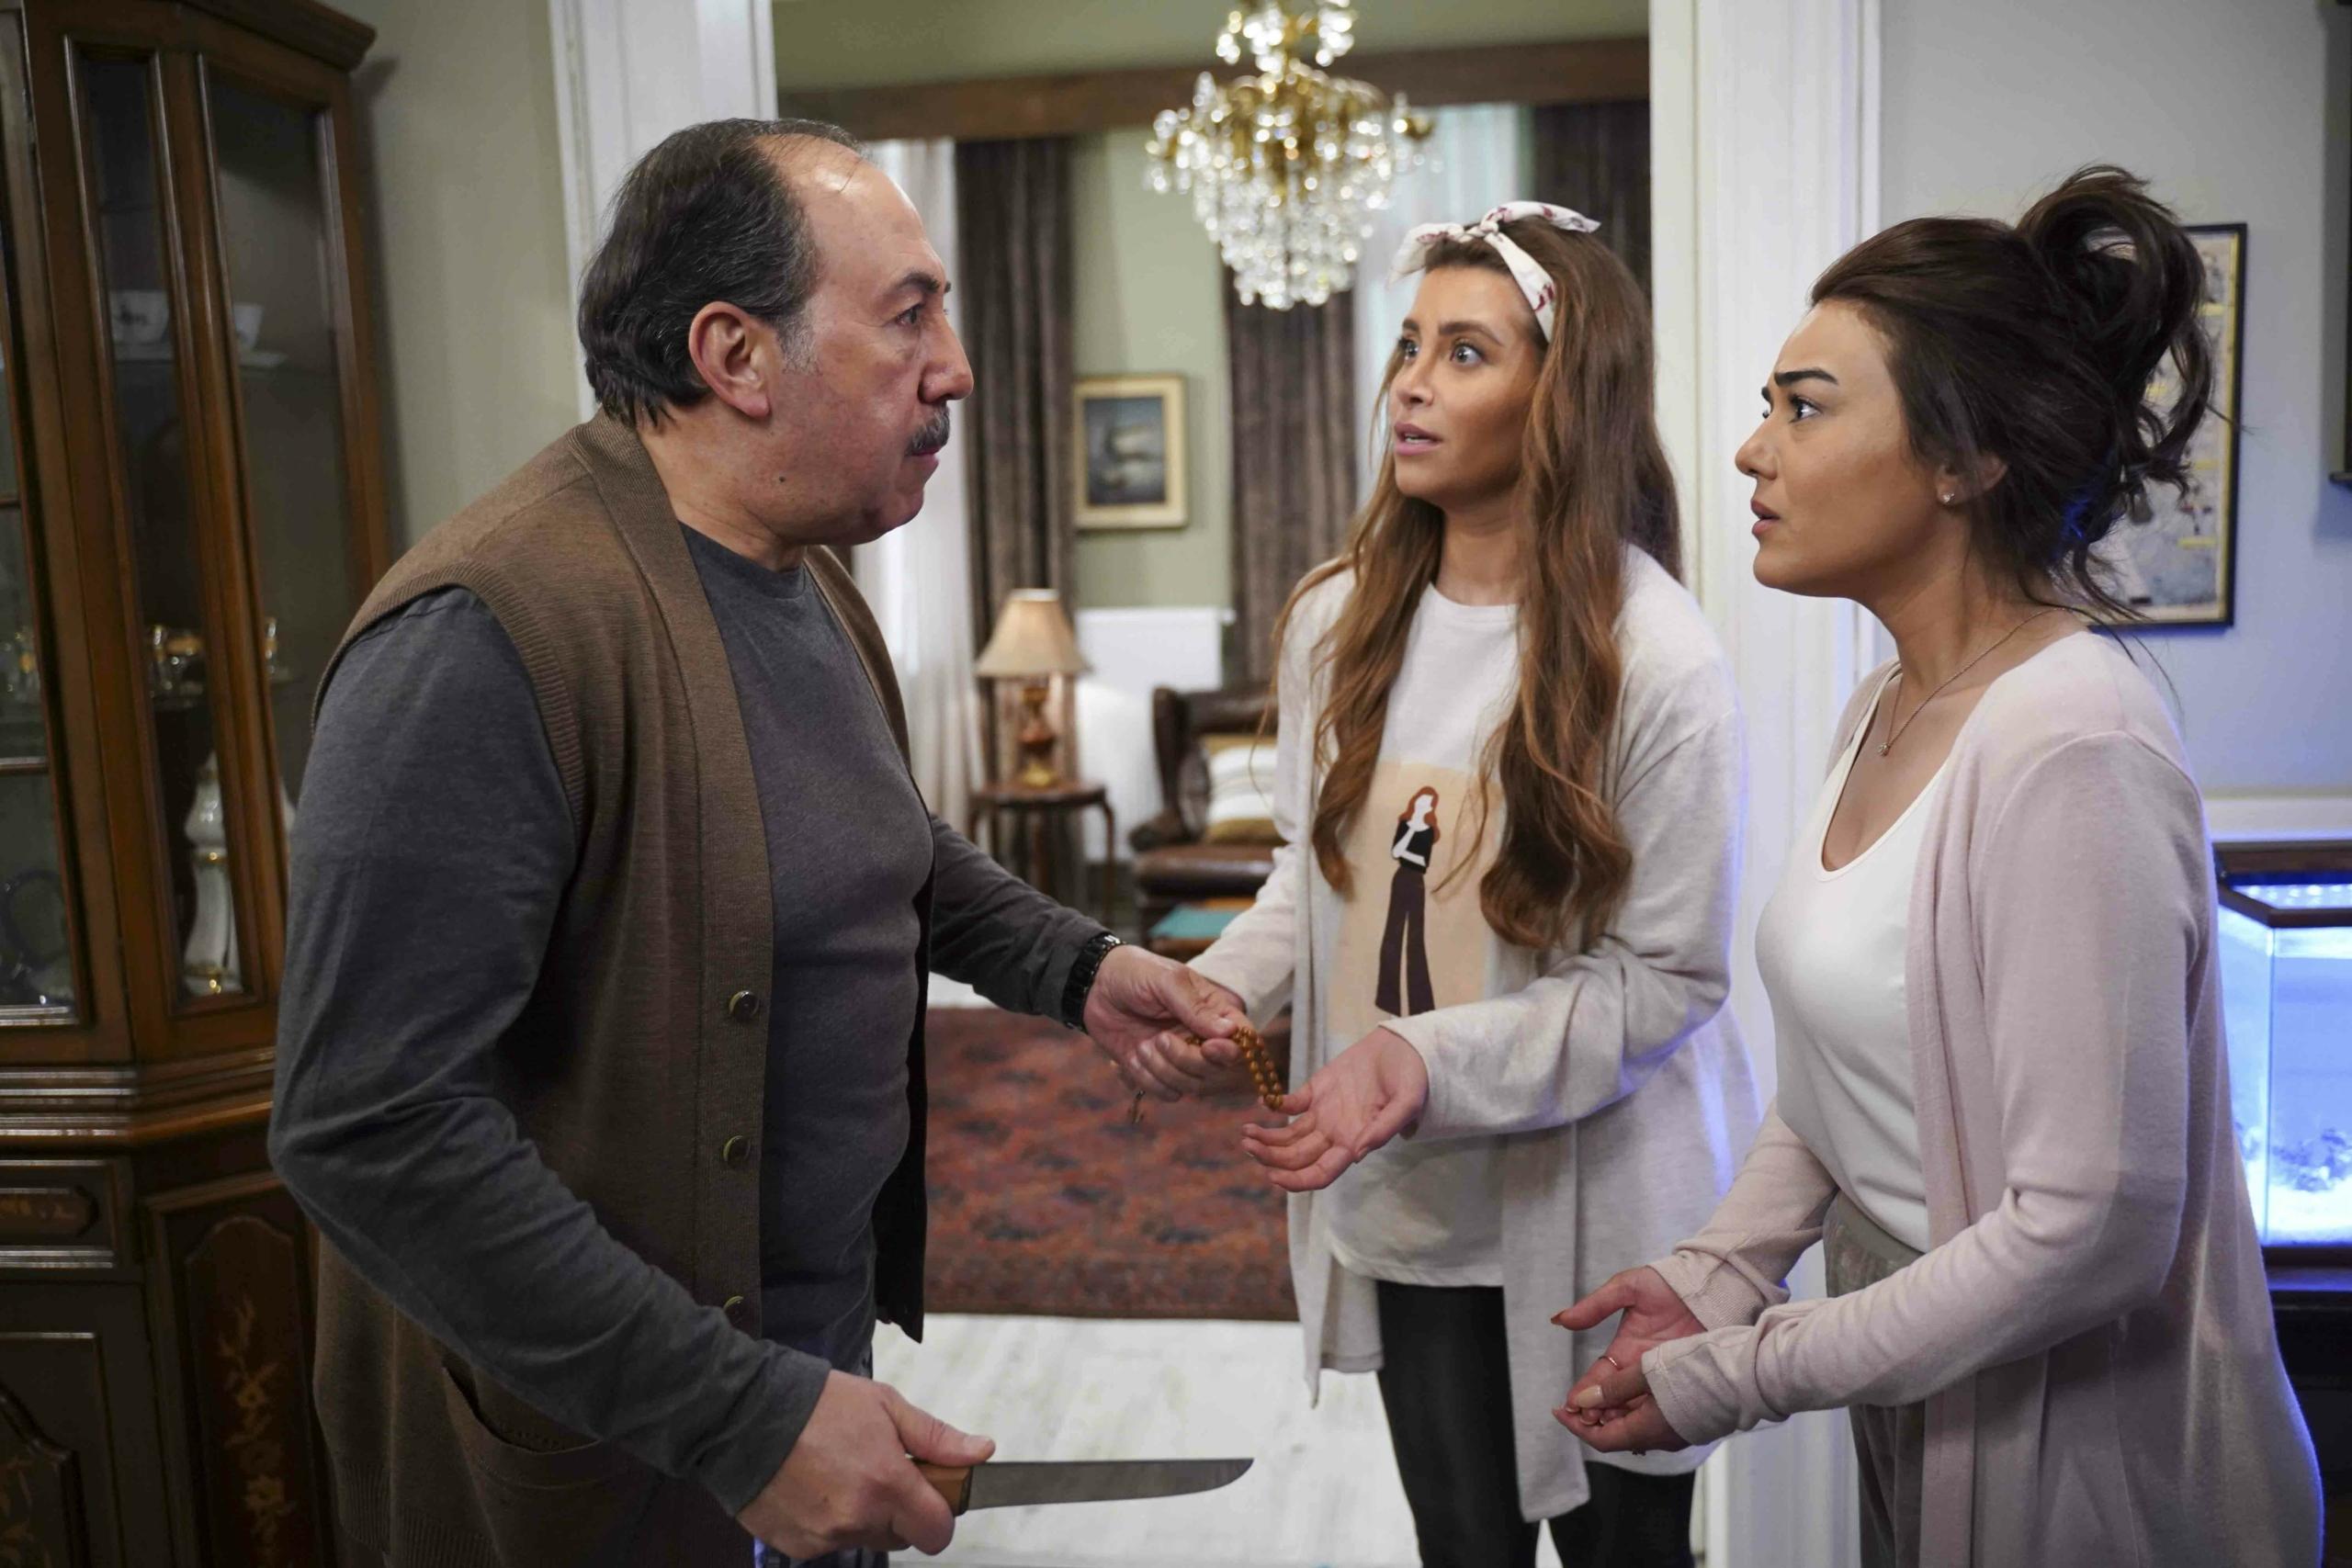 صراعات تدور في فلك الكوميديا والرومانسية وقصص الحب ضمن أحداث مسلسل ع الحلوة والمرة على MBC4